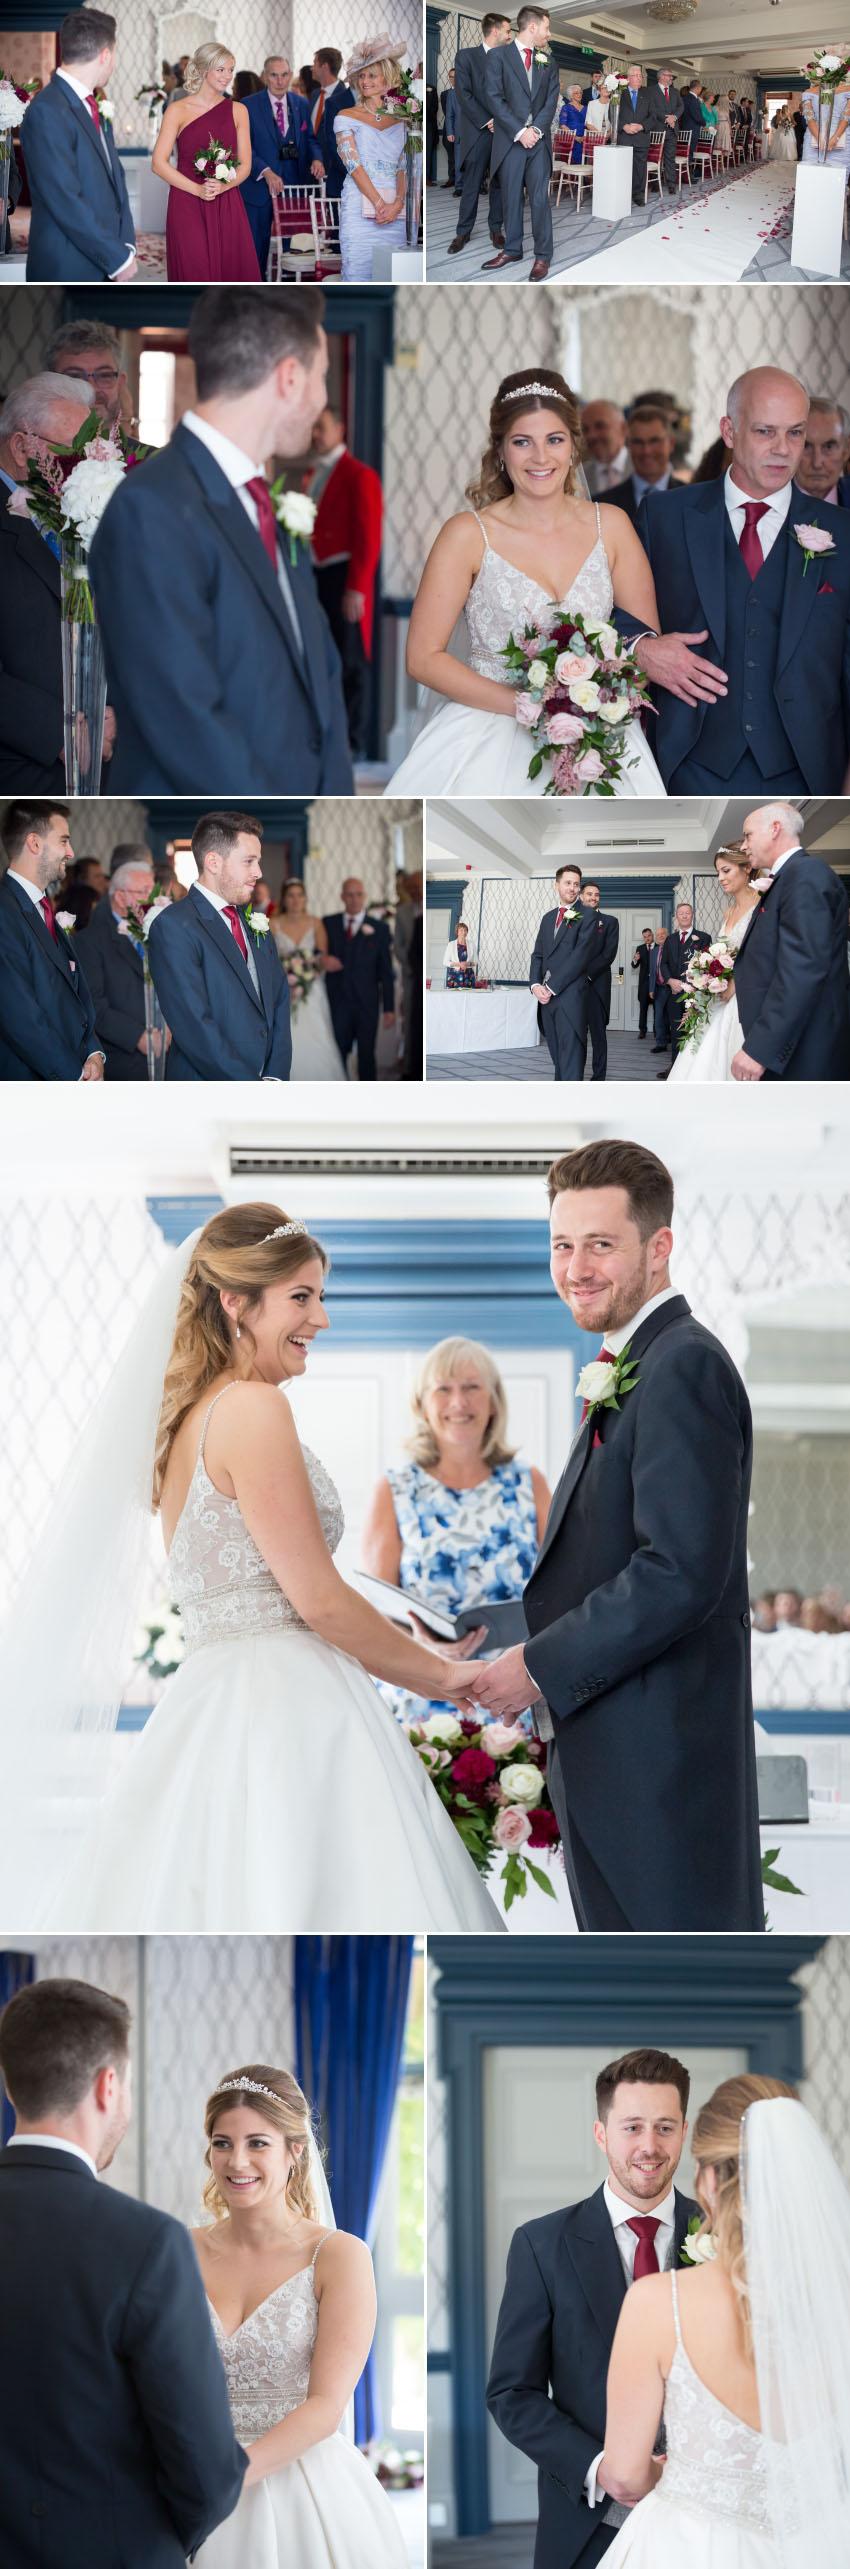 08_Pendley Manor wedding photography